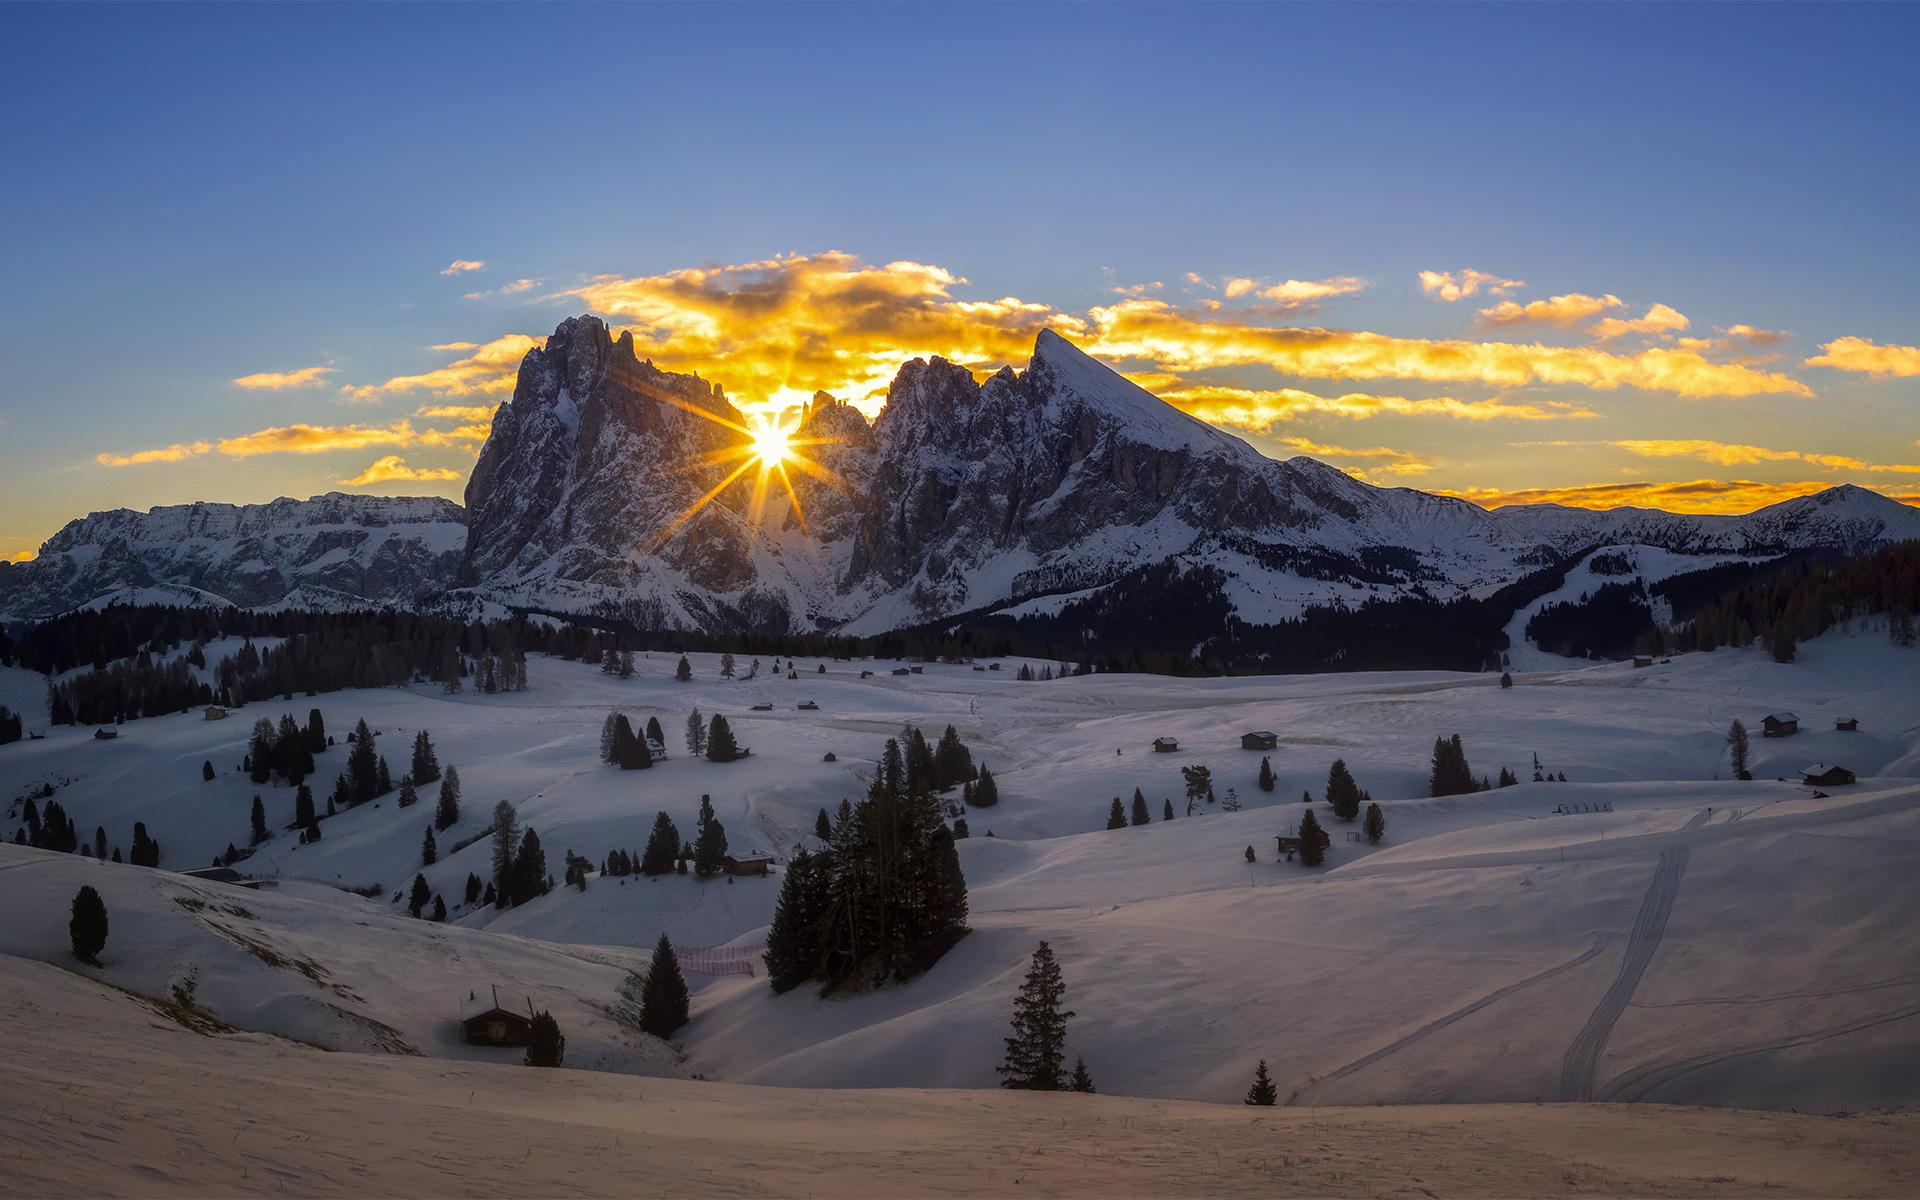 soleil-couchant-a-la-montagne